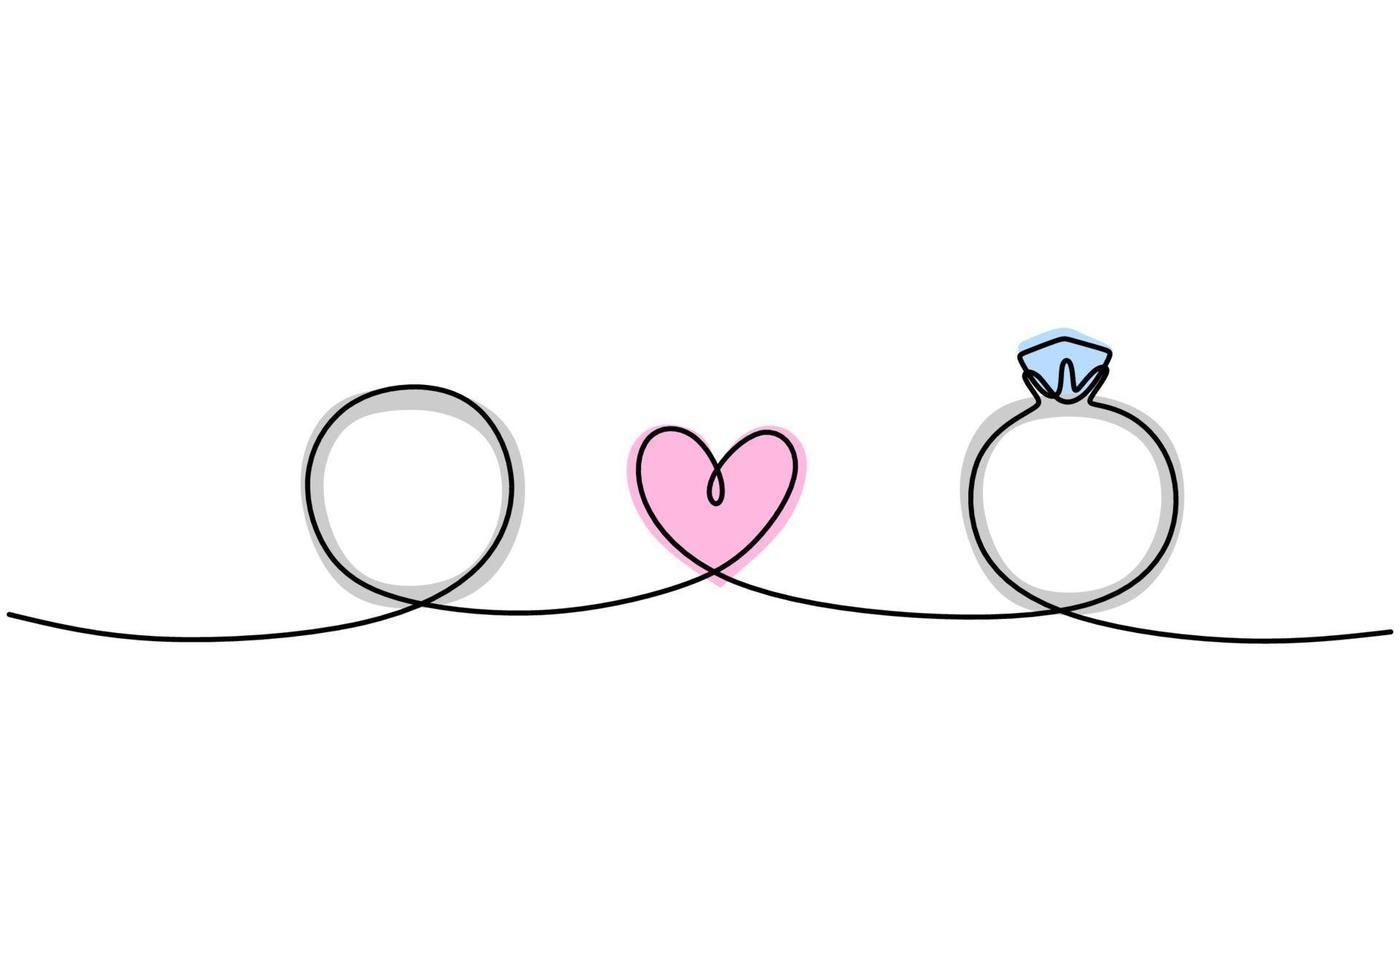 Contínuo um desenho a linha de casal de alianças, um deles com um diamante. Dia dos Namorados. ilustração vetorial. bom para romântico dia dos namorados saudação banner, cartaz e plano de fundo. vetor